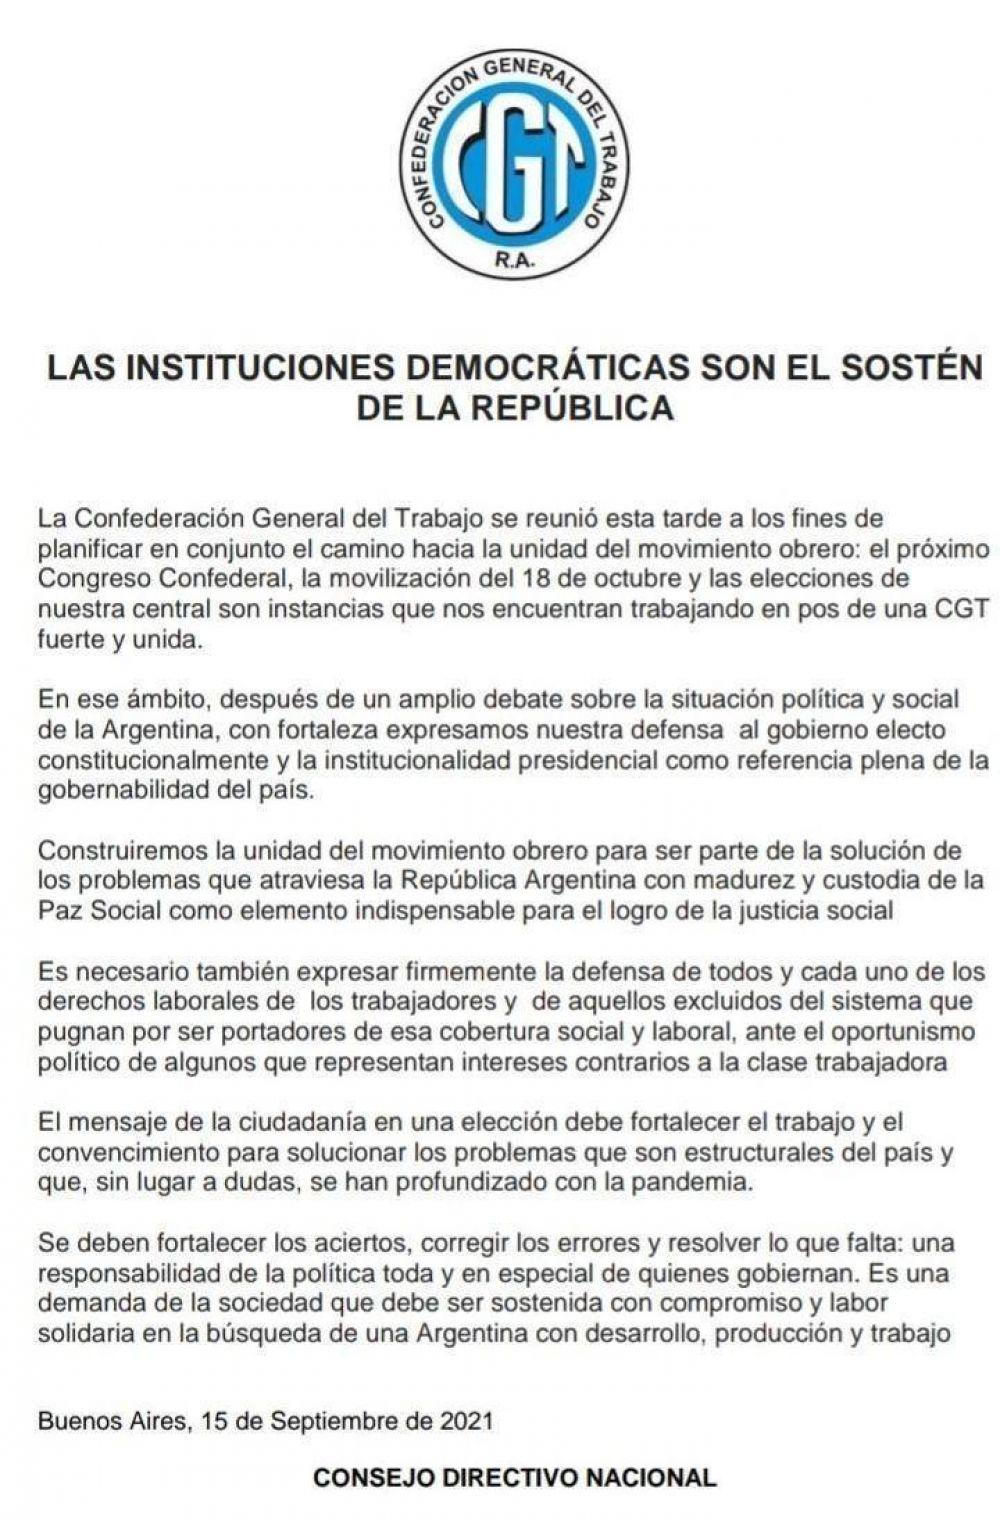 La CGT apoyó al Presidente y ratificó la marcha del 18 de octubre